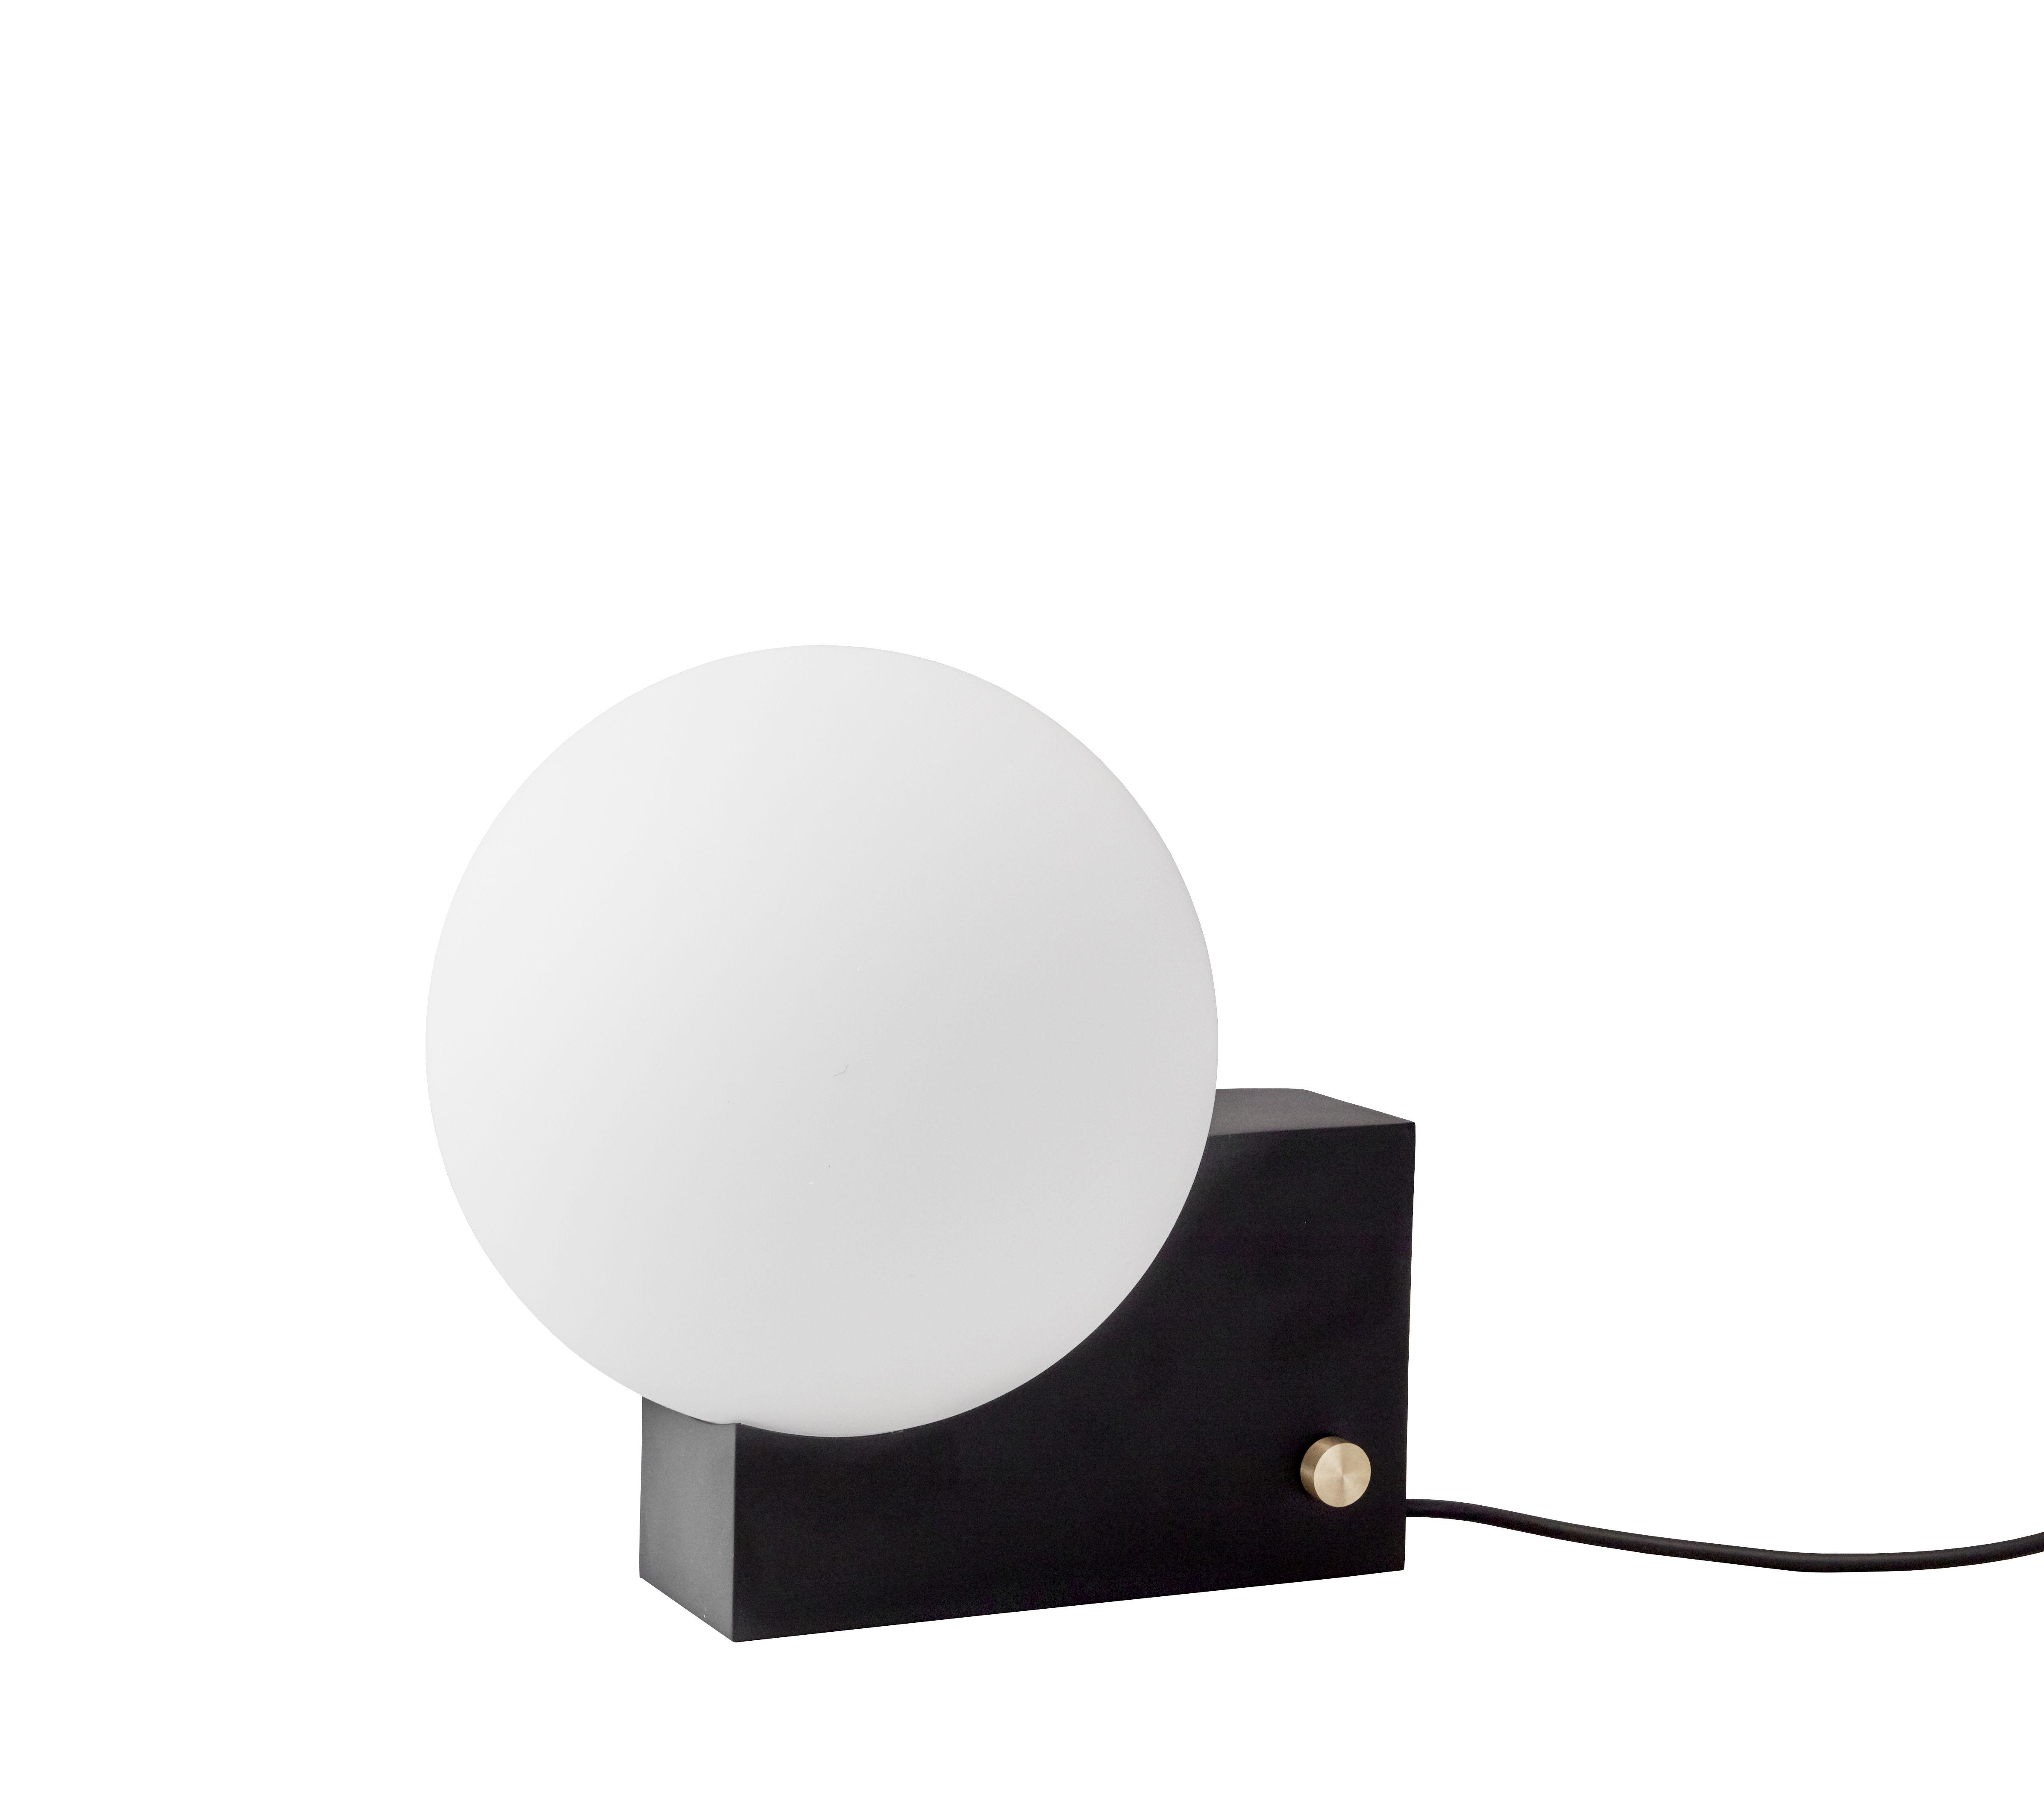 Luminaire - Lampes de table - Lampe de table Journey SHY1 / Applique - H 24 cm - &tradition - Noir - Acier, Laiton, Verre opalin soufflé bouche